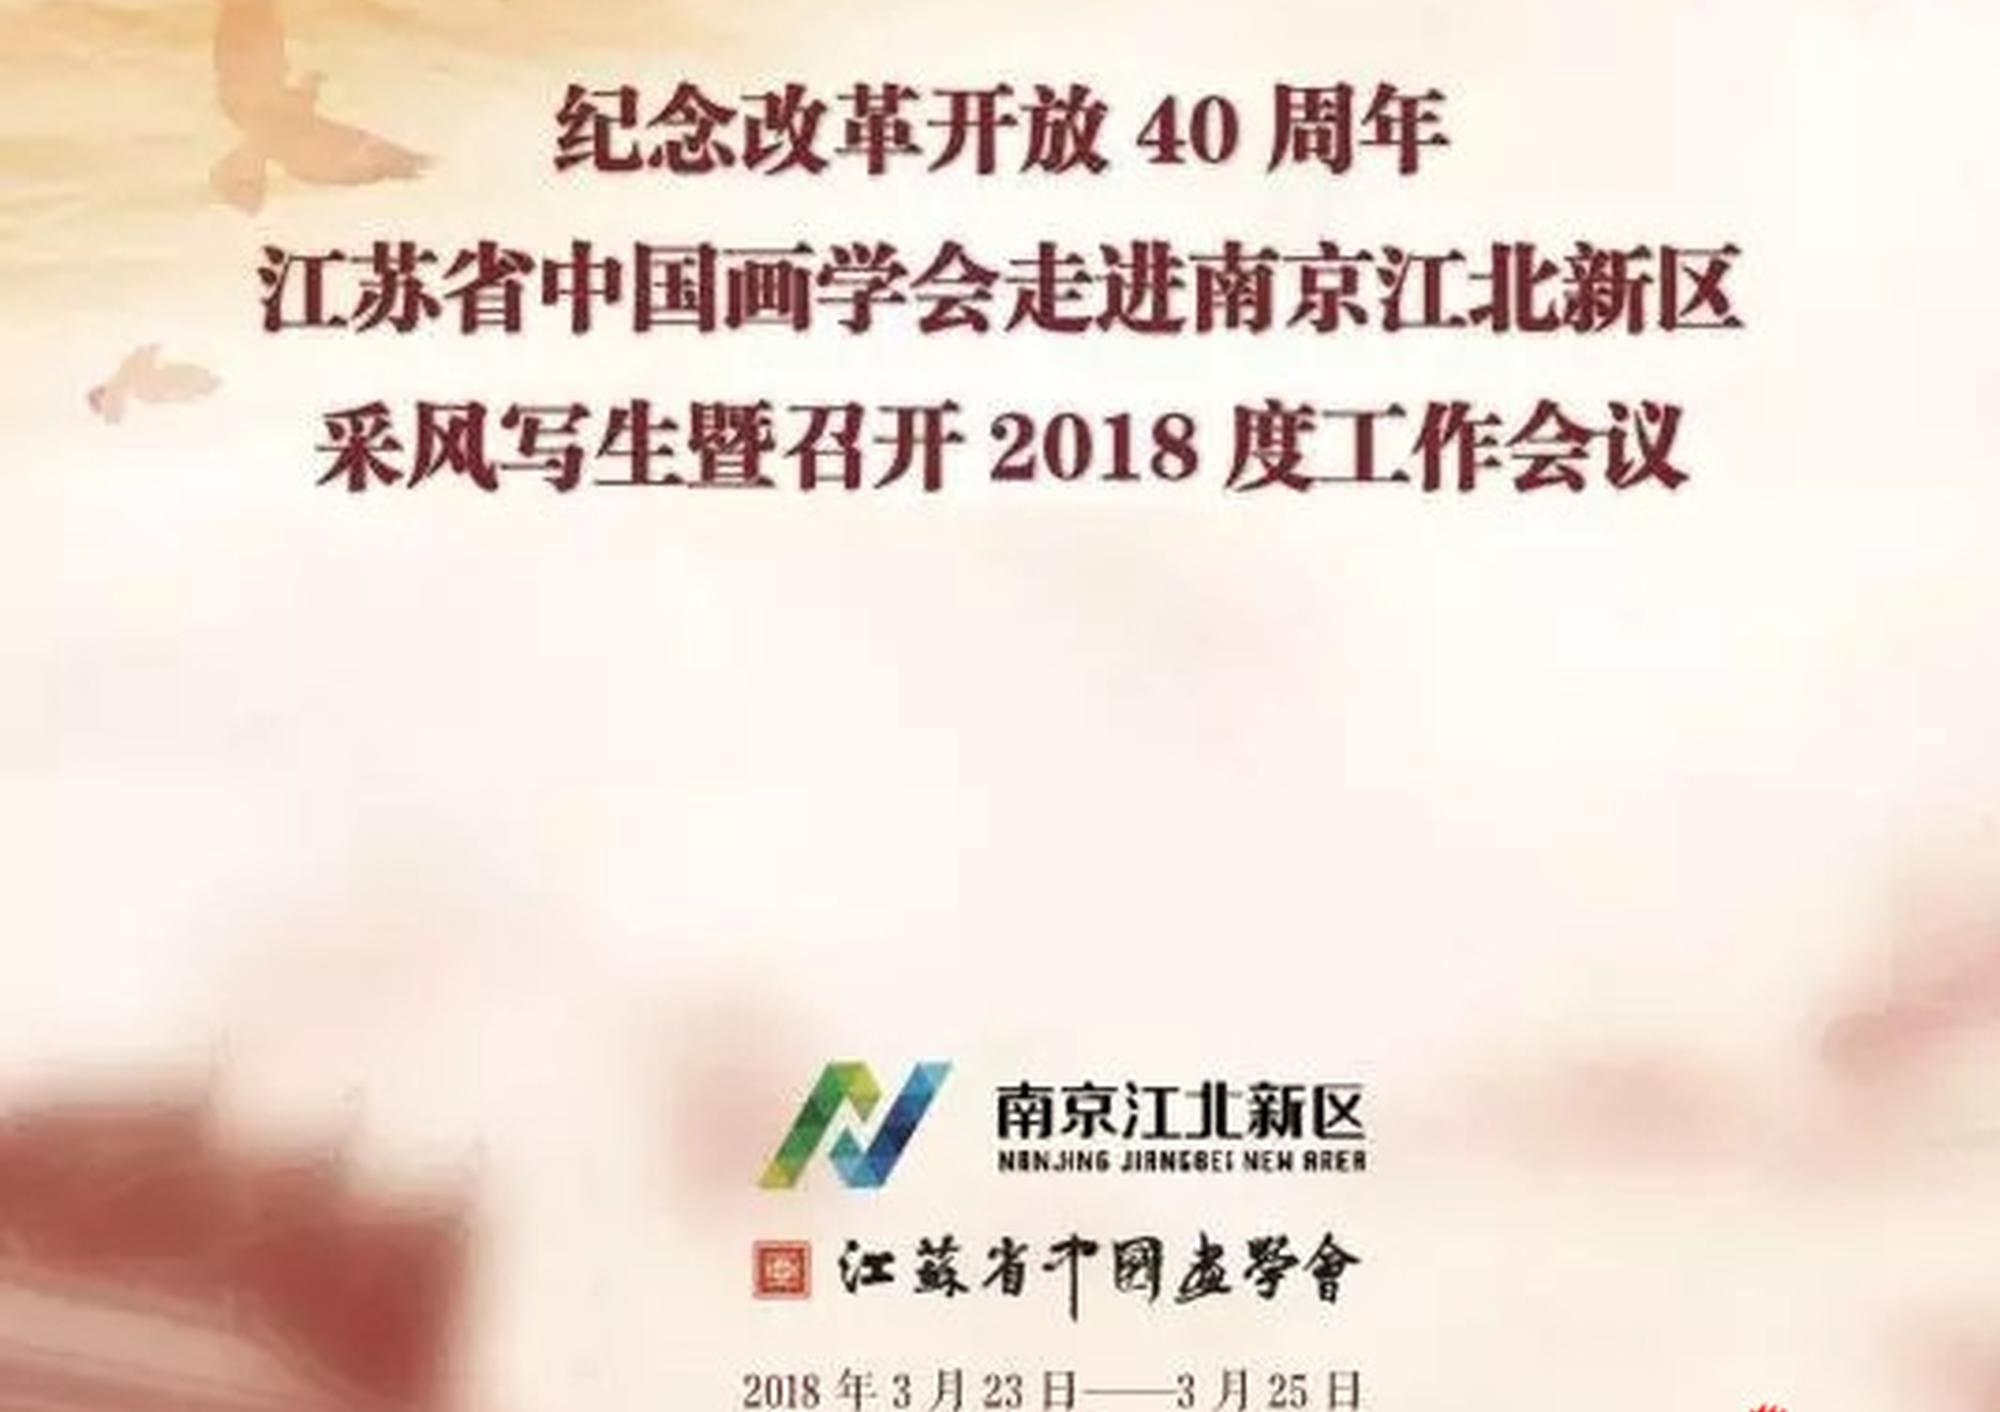 70余位中国画名家将汇聚南京江北新区描绘发展新貌